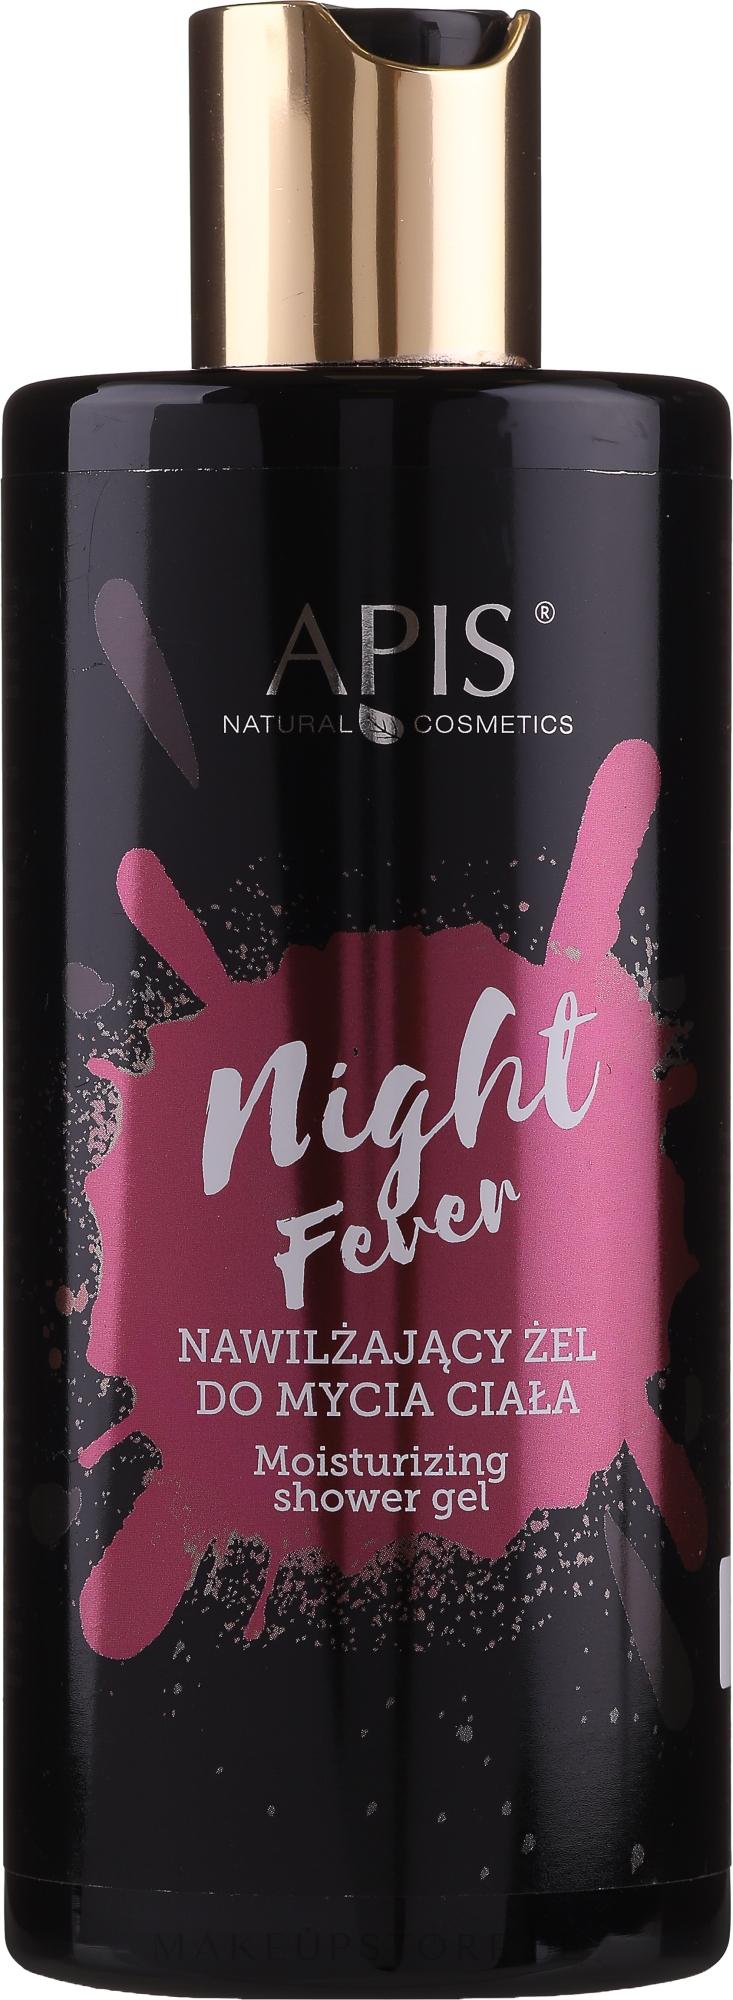 Feuchtigkeitsspendendes Dusch- und Badegel mit Hyaluronsäure und Panthenol - Apis Professional Night Fever — Bild 300 ml